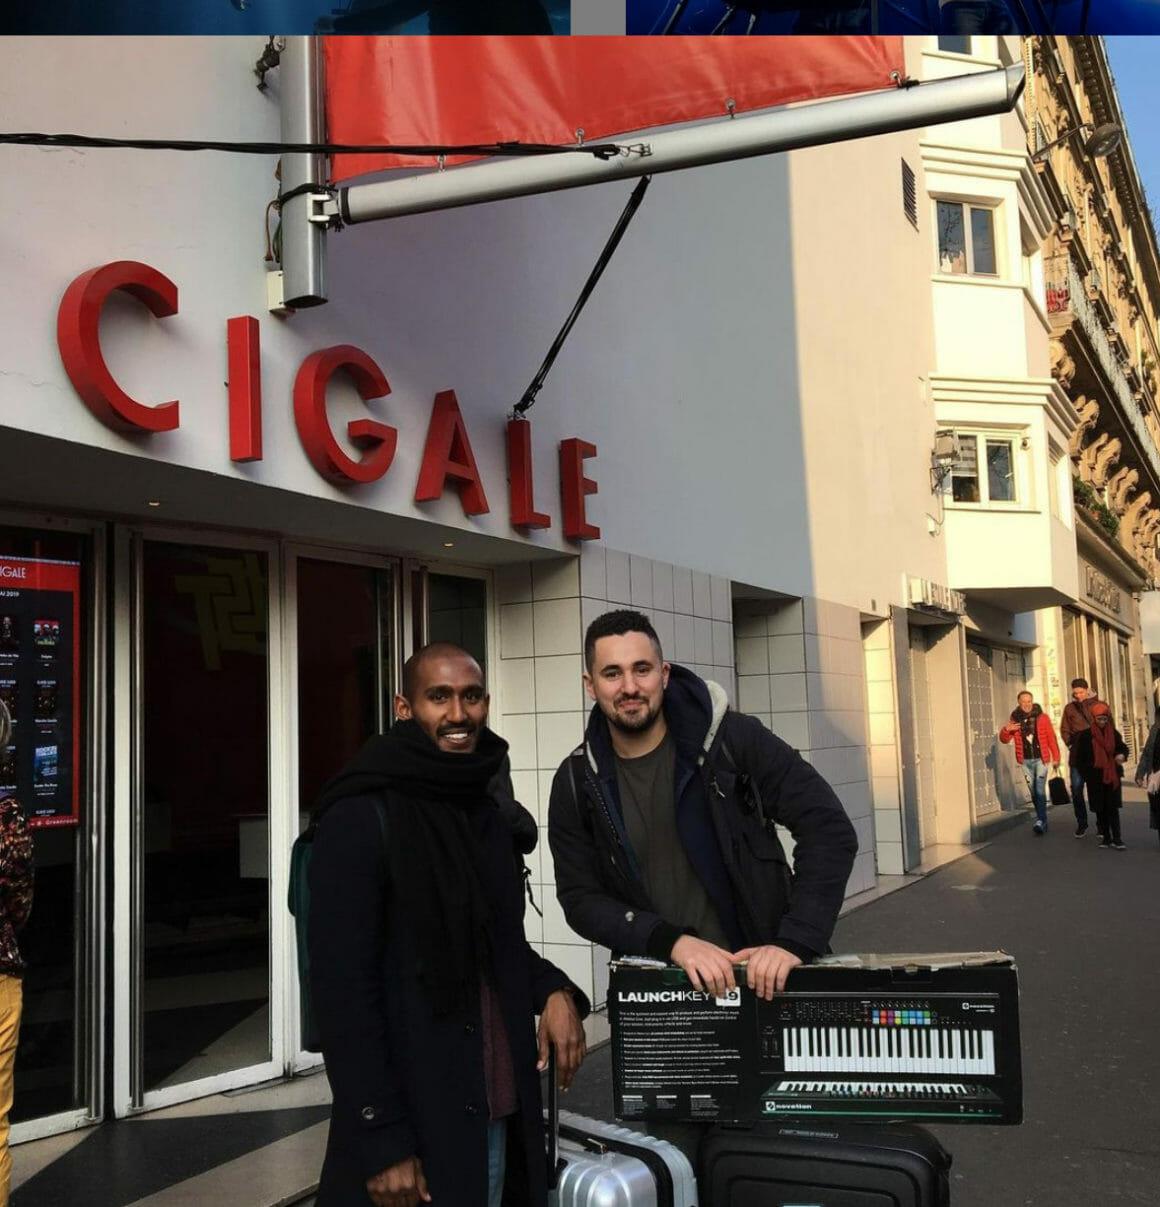 Les Jaffna devant la salle de concert La Cigale à Paris